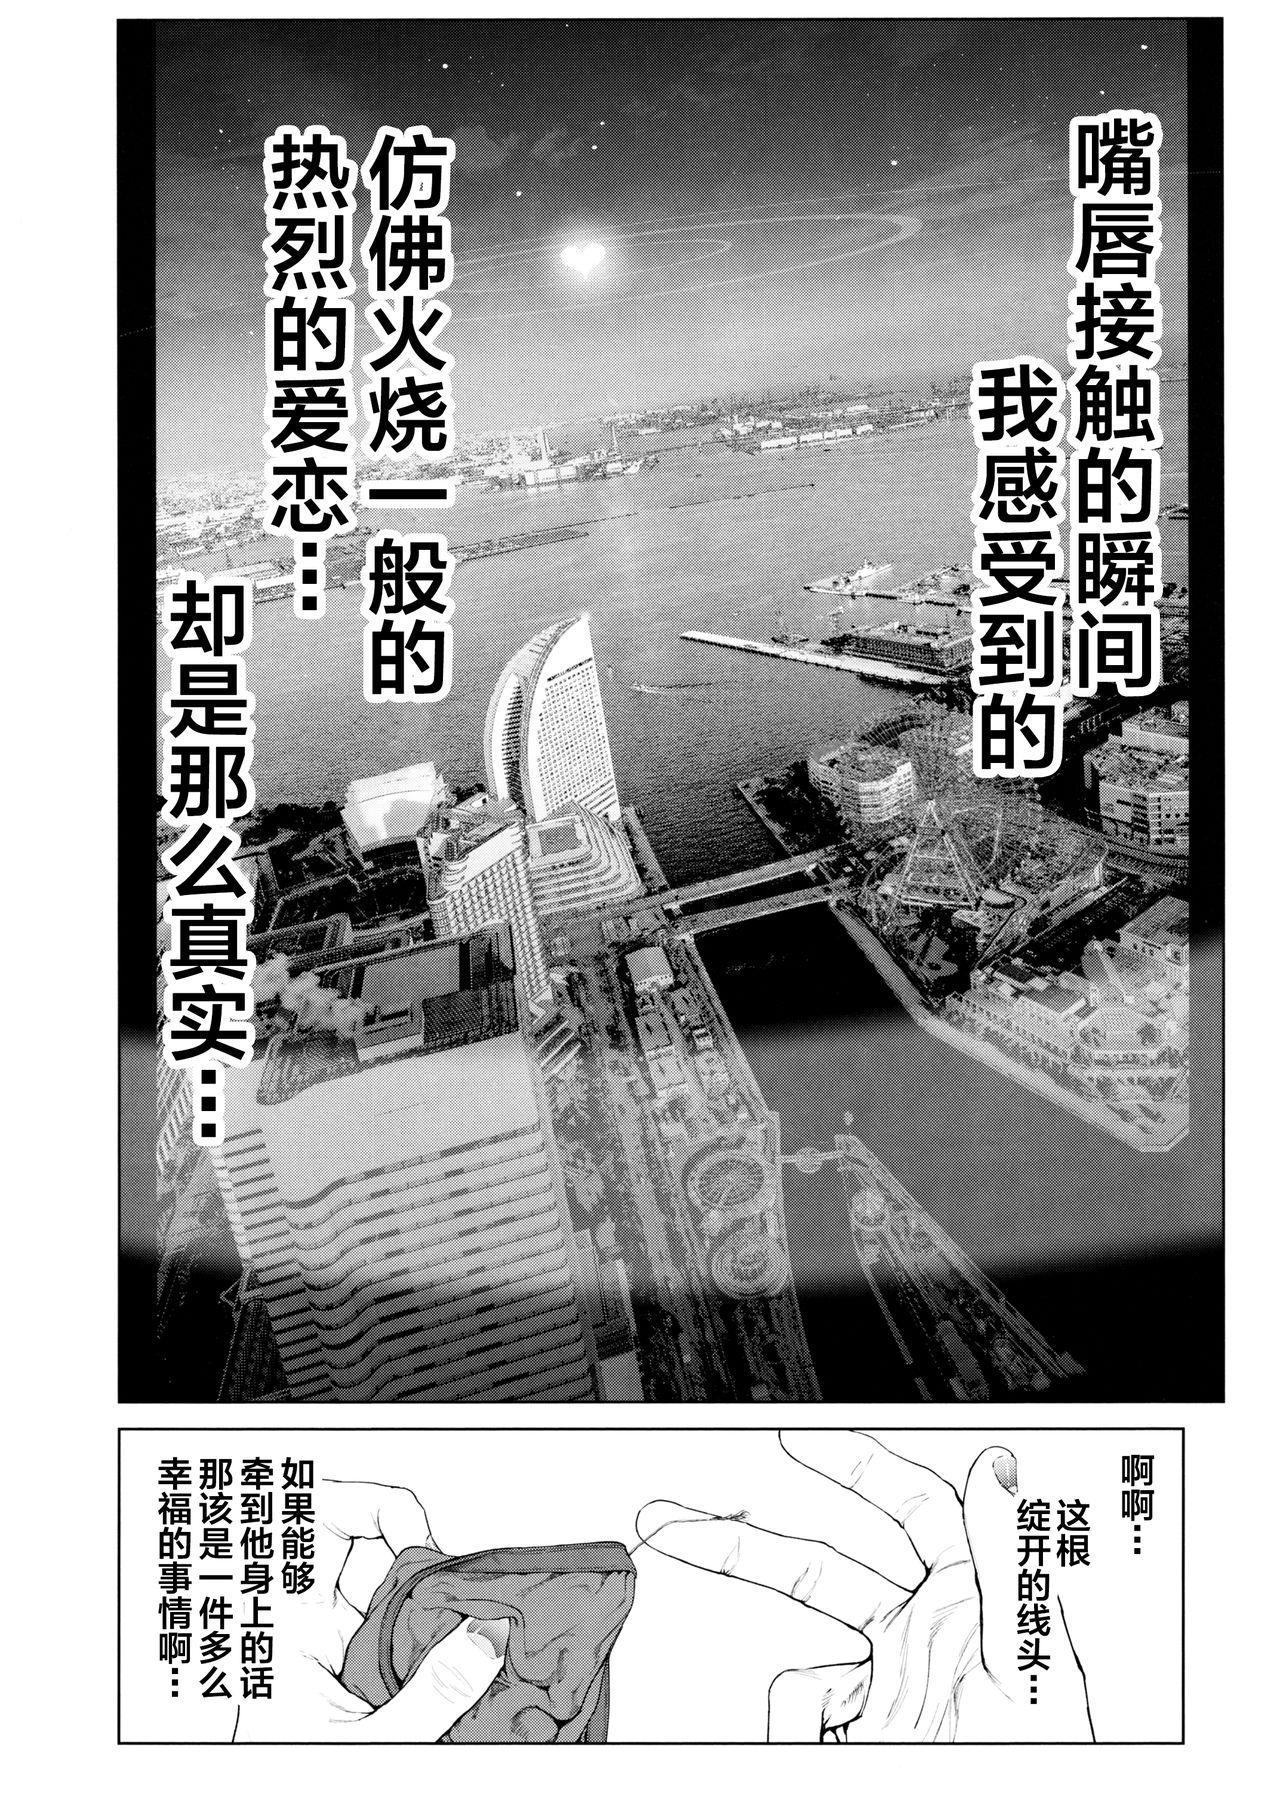 Cos wa Midara na Kamen Ninki Ikemen Layer no SeFri Ken Ishou Seisaku Tantou no Zoukei Layer wa Honmei Kanojo no Yume o Miru ka 14